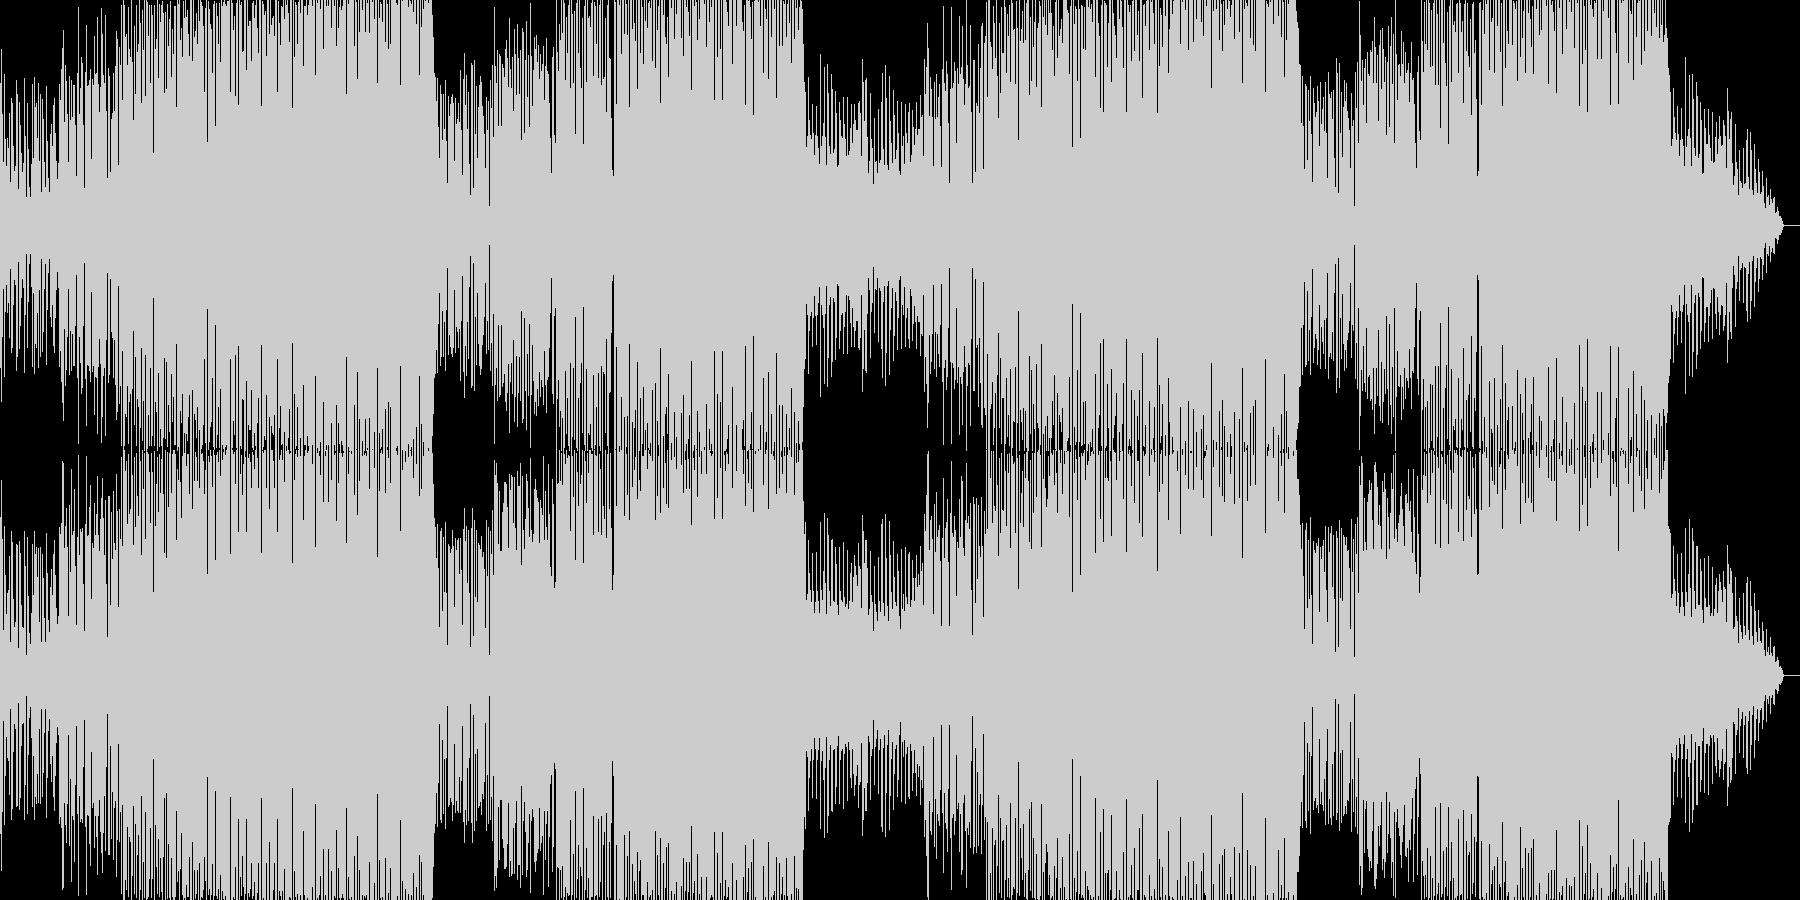 ちょっとお洒落なカフェBGMの未再生の波形